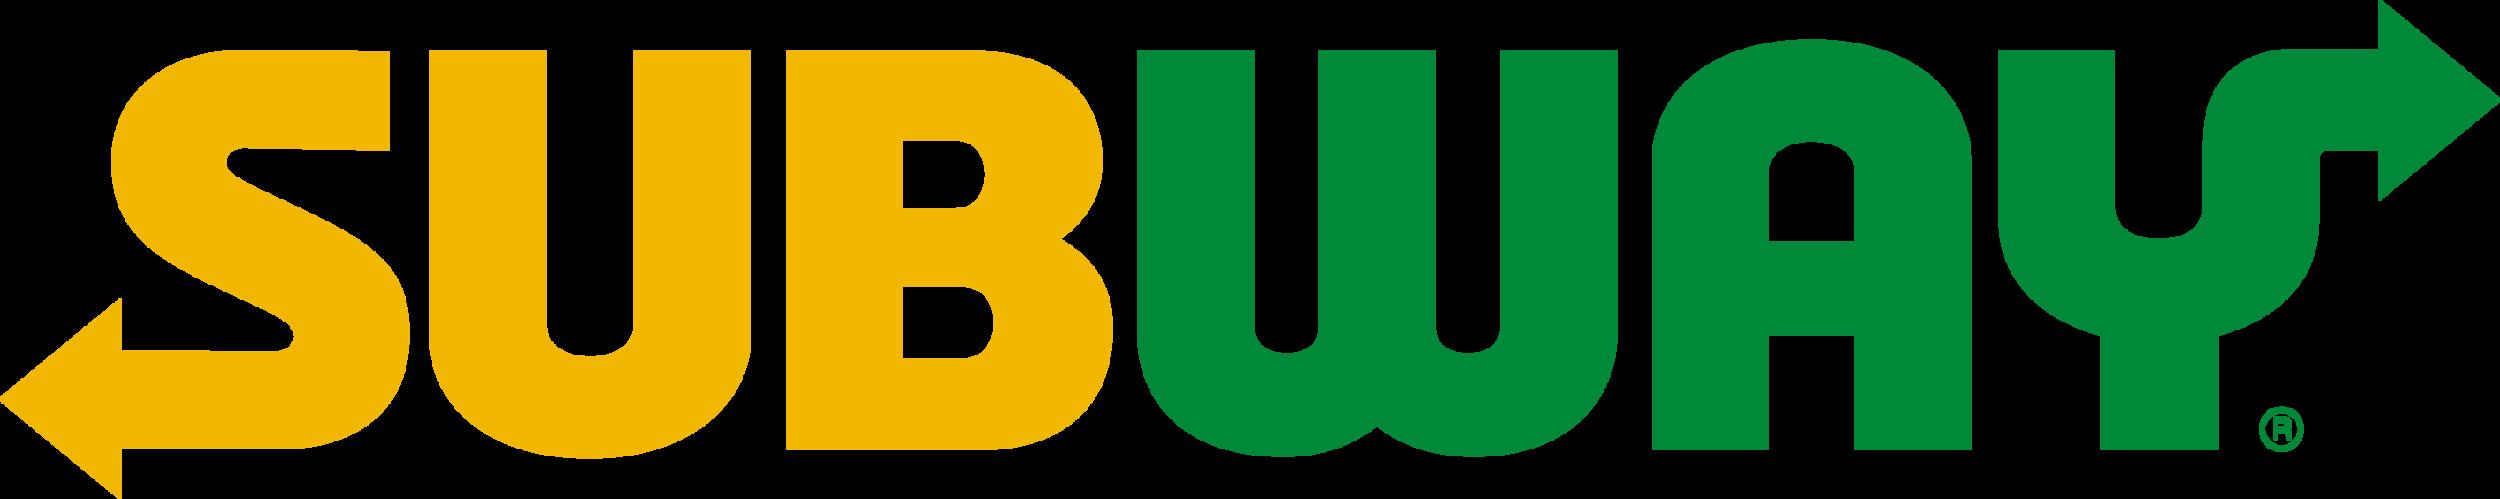 subway-logotype-yelGrn-rgb.png